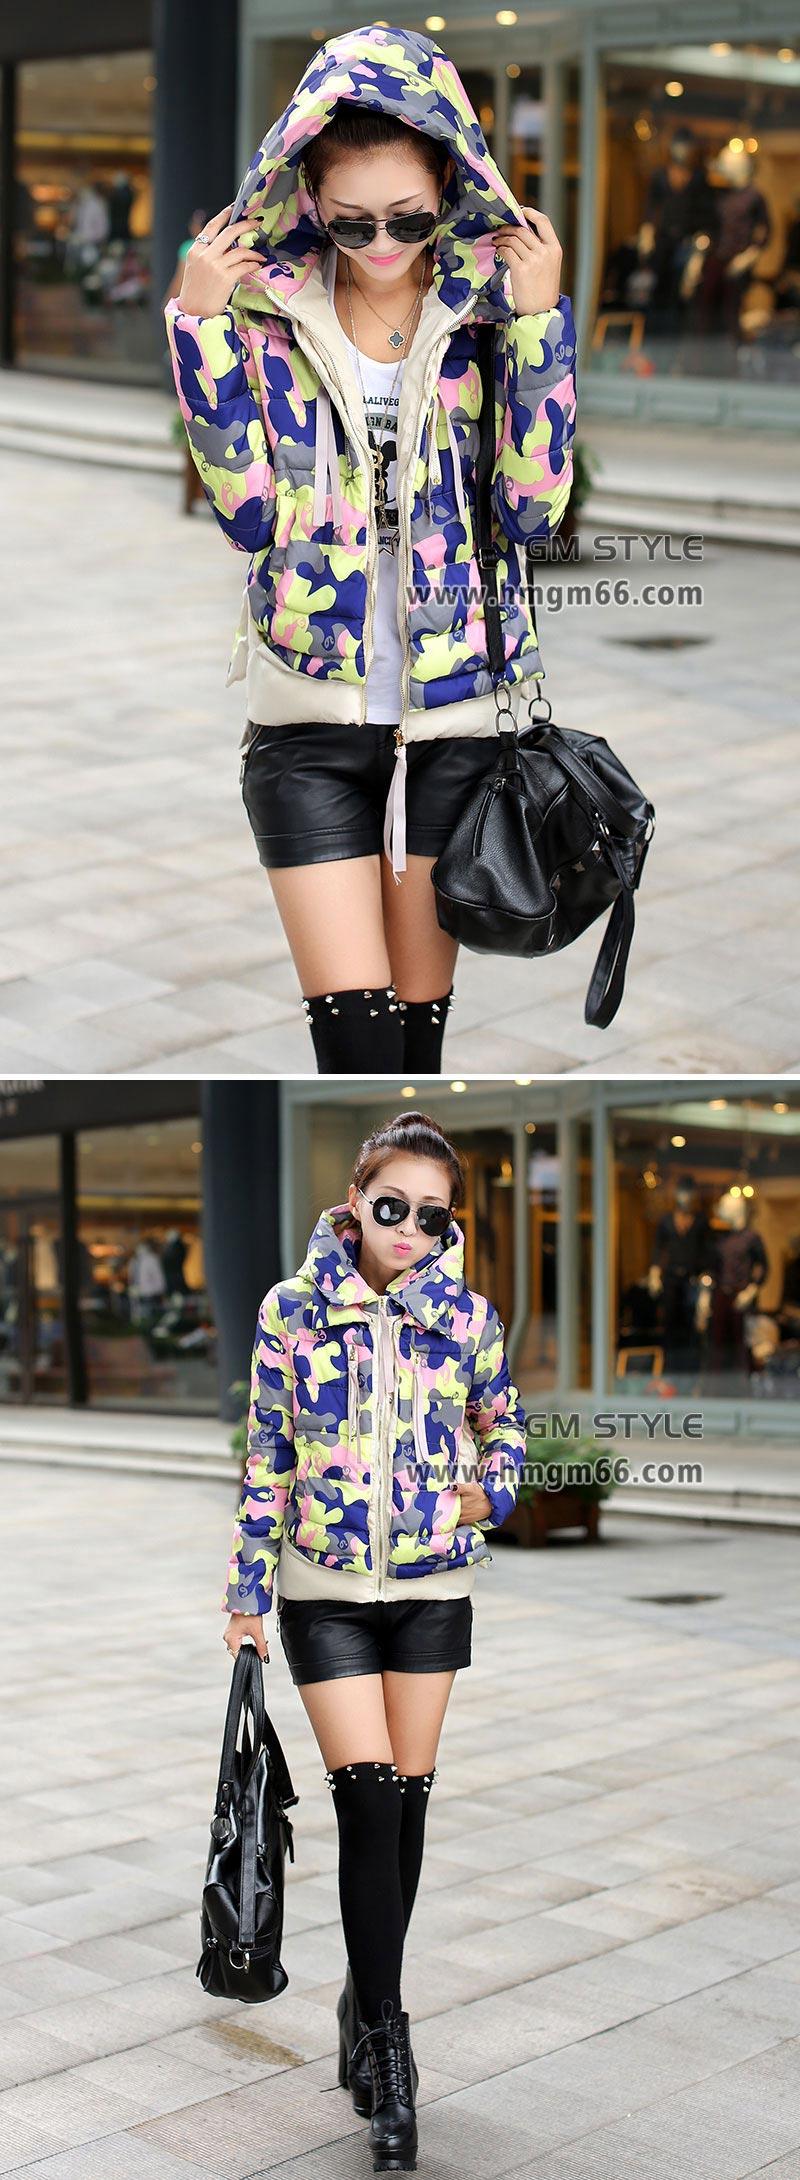 冬季短款时尚迷彩羽绒服批发